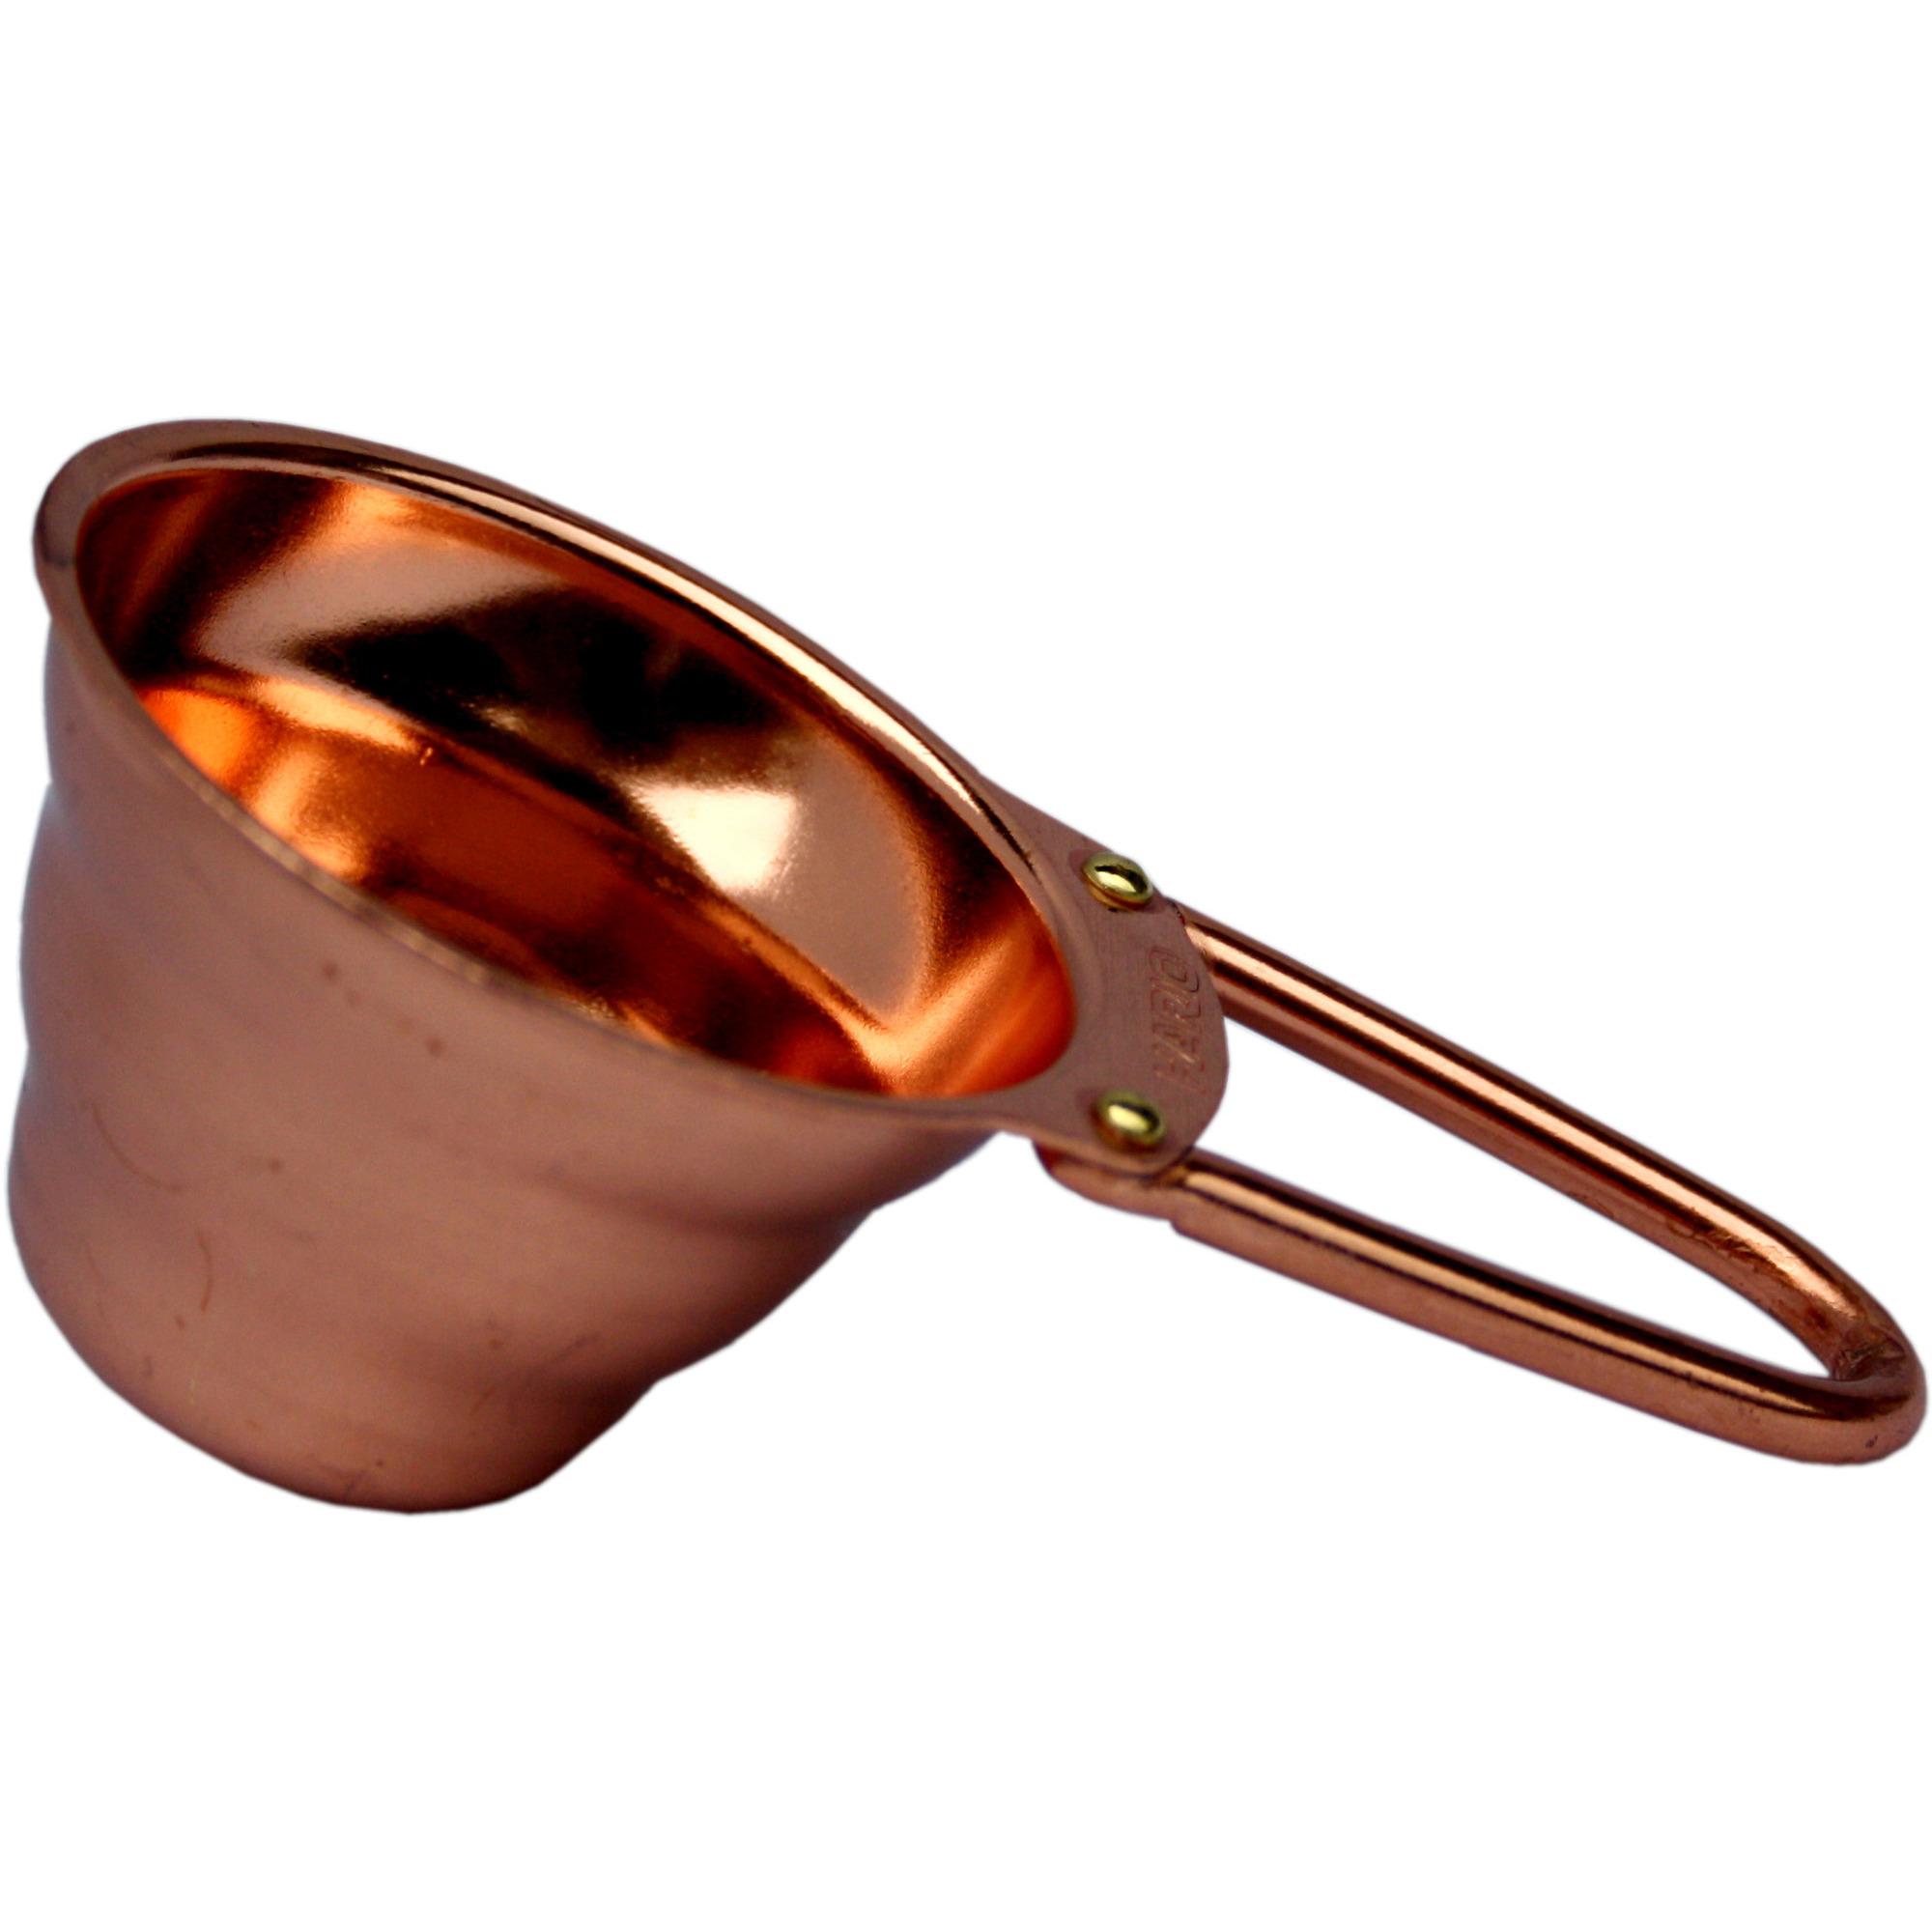 Hario Kaffemått Koppar